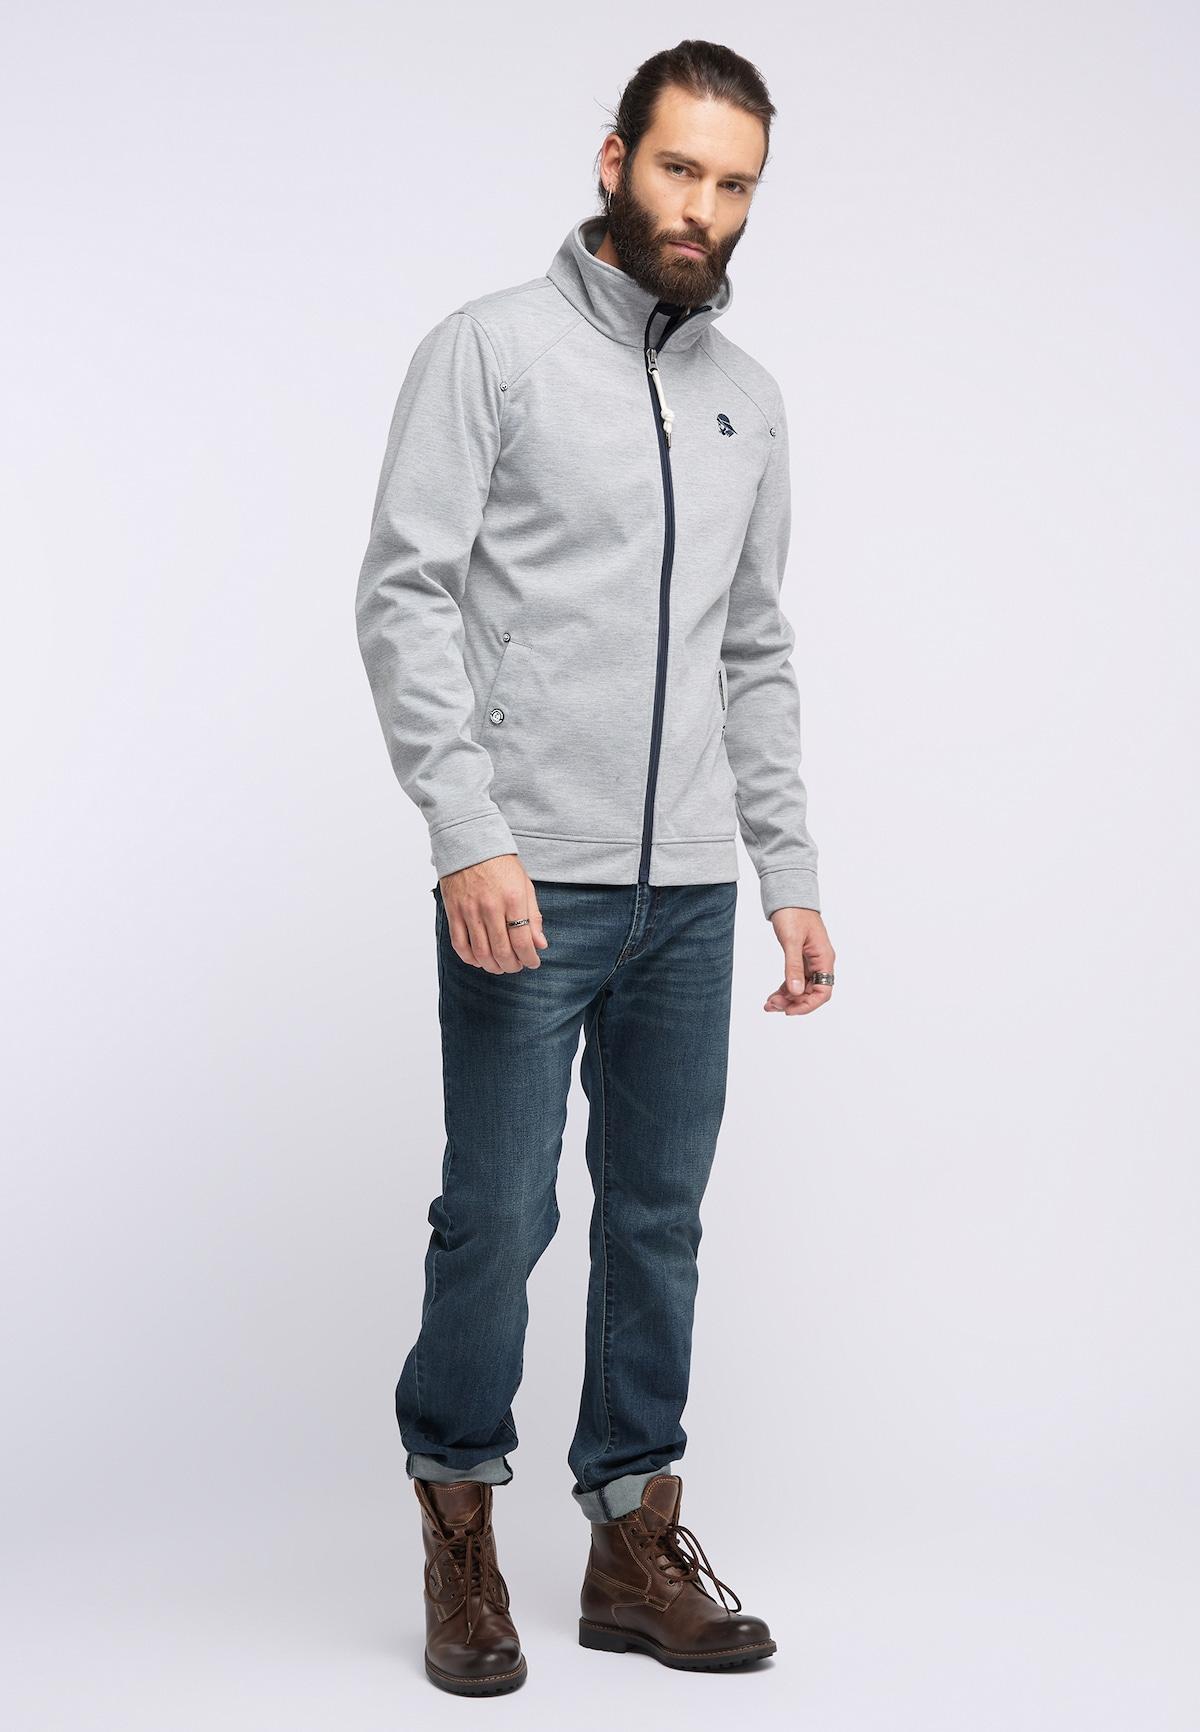 Bestbewertet Männer Bekleidung Schmuddelwedda Anorak in grau / schwarz Verkaufsschlager